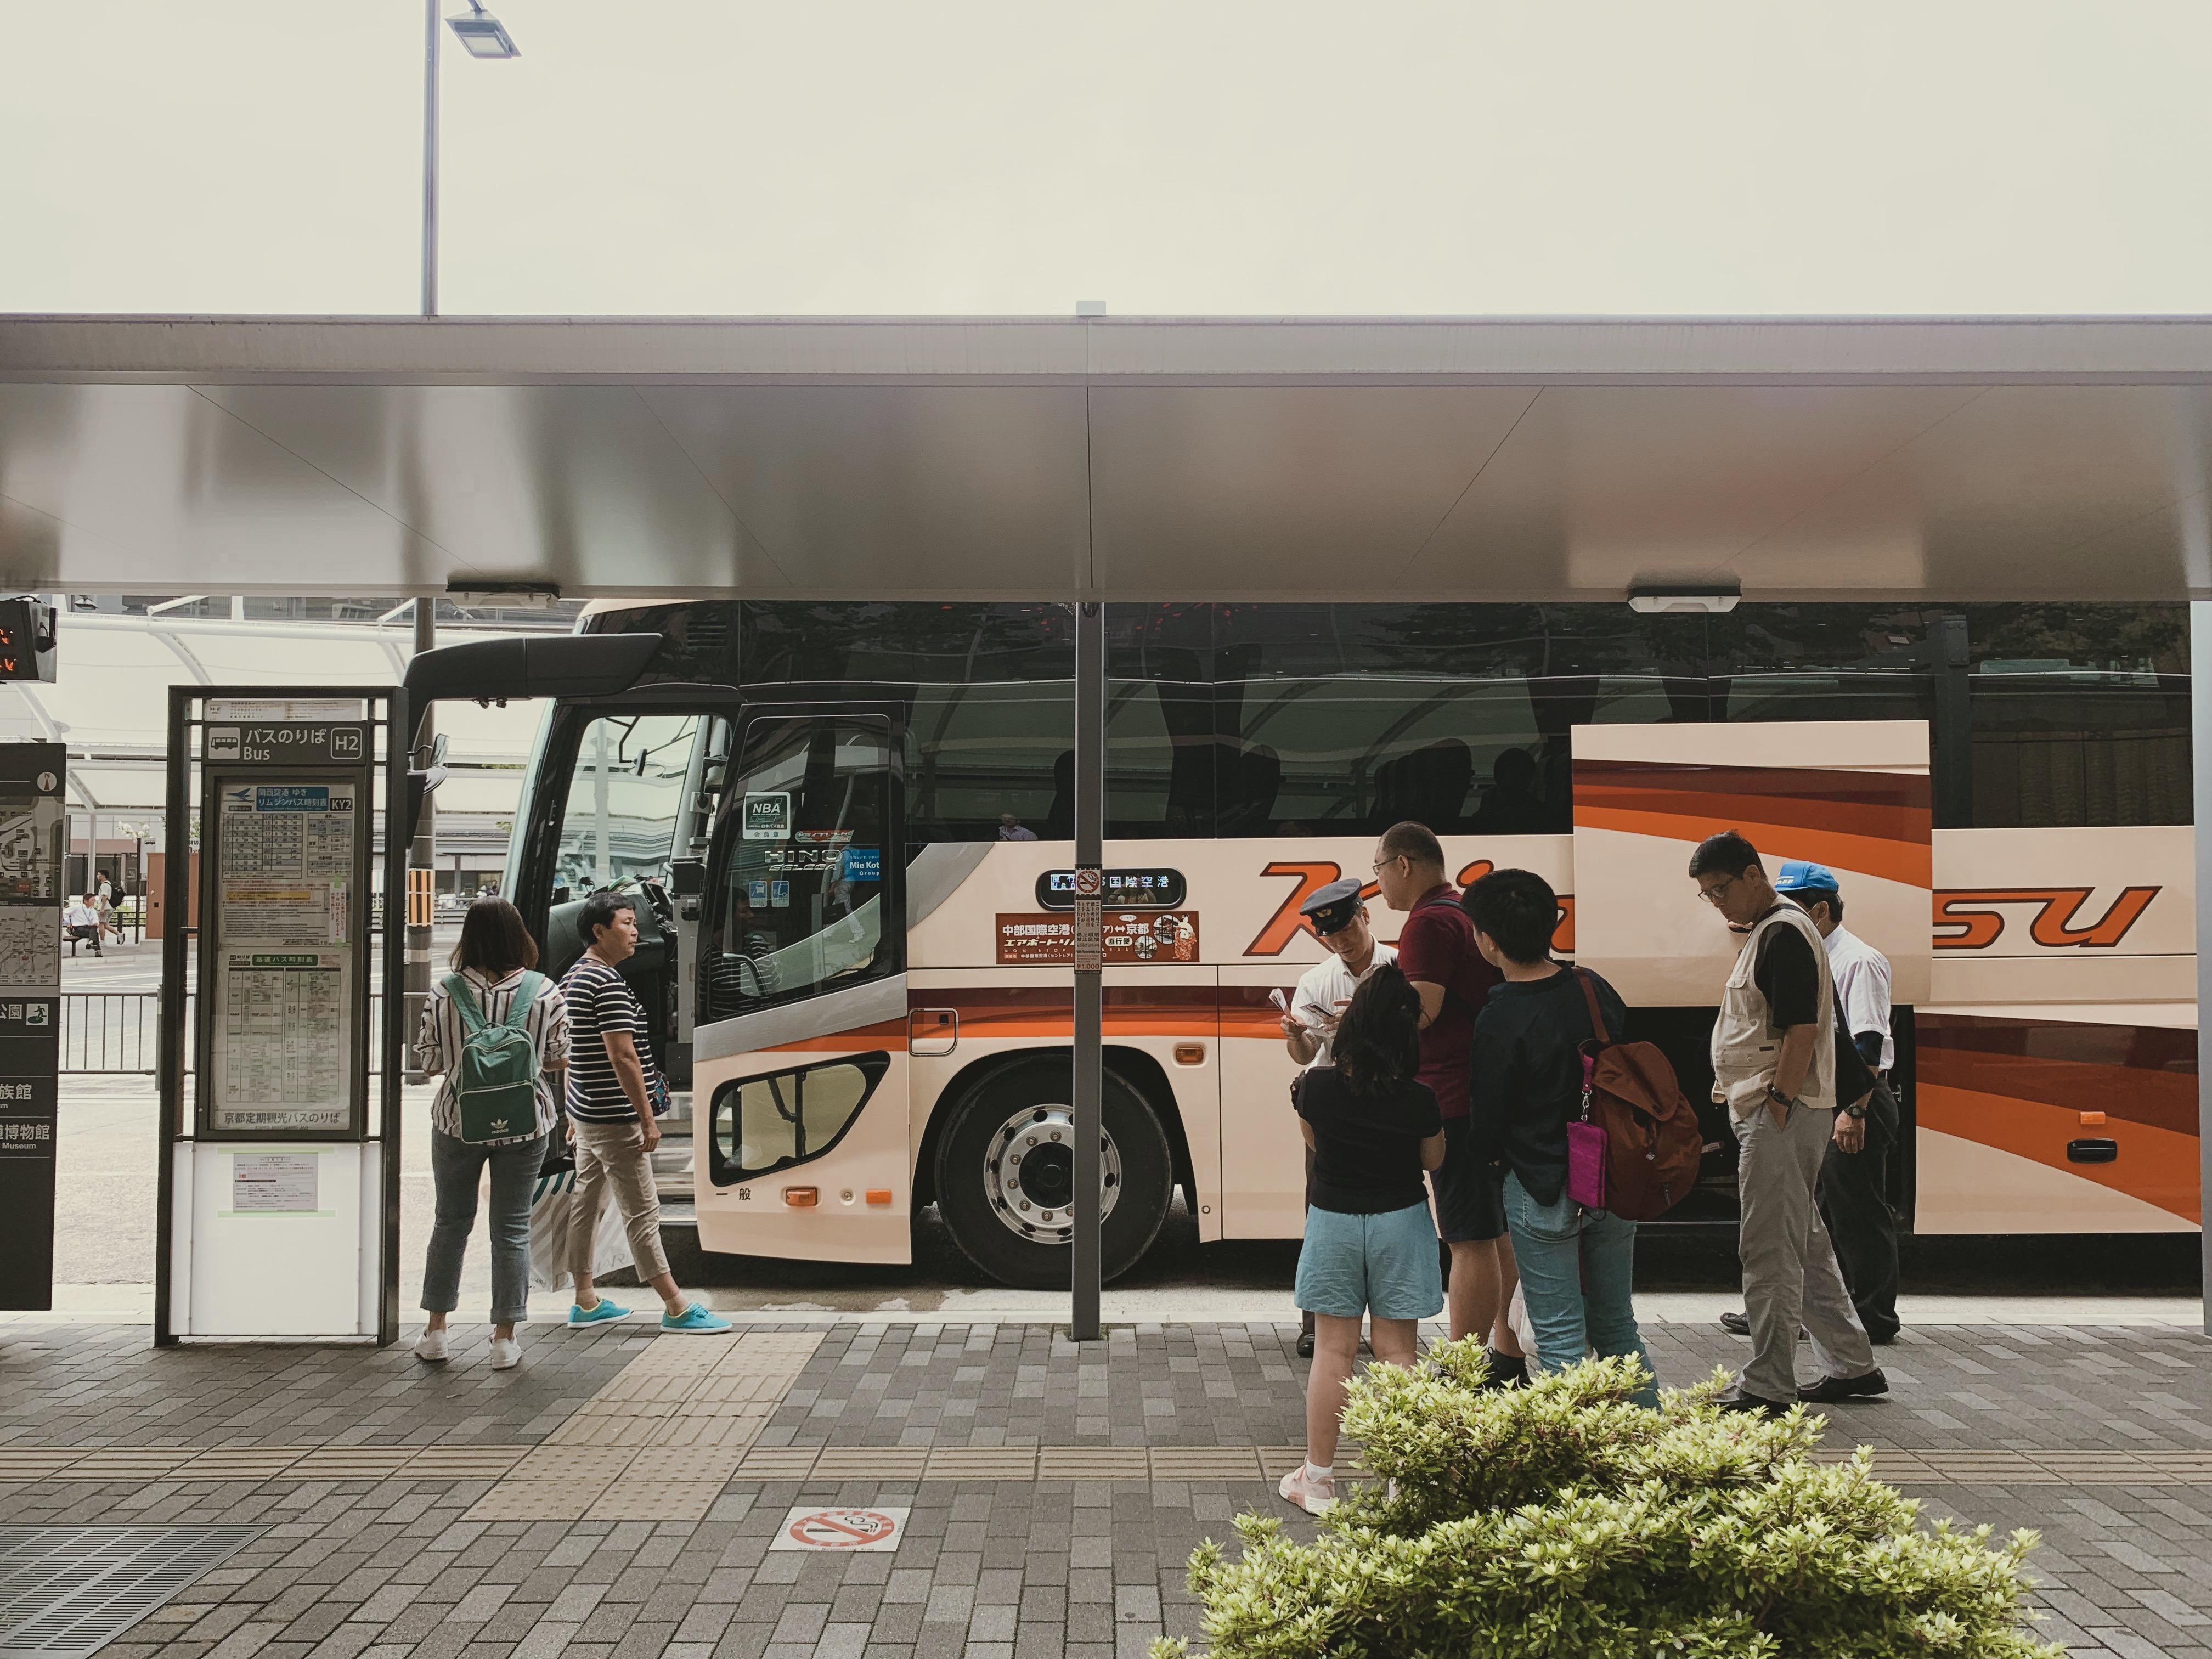 รถ Kyoto Bus จากเกียวโตไปยังสนามบินชูบุ นาโกย่า